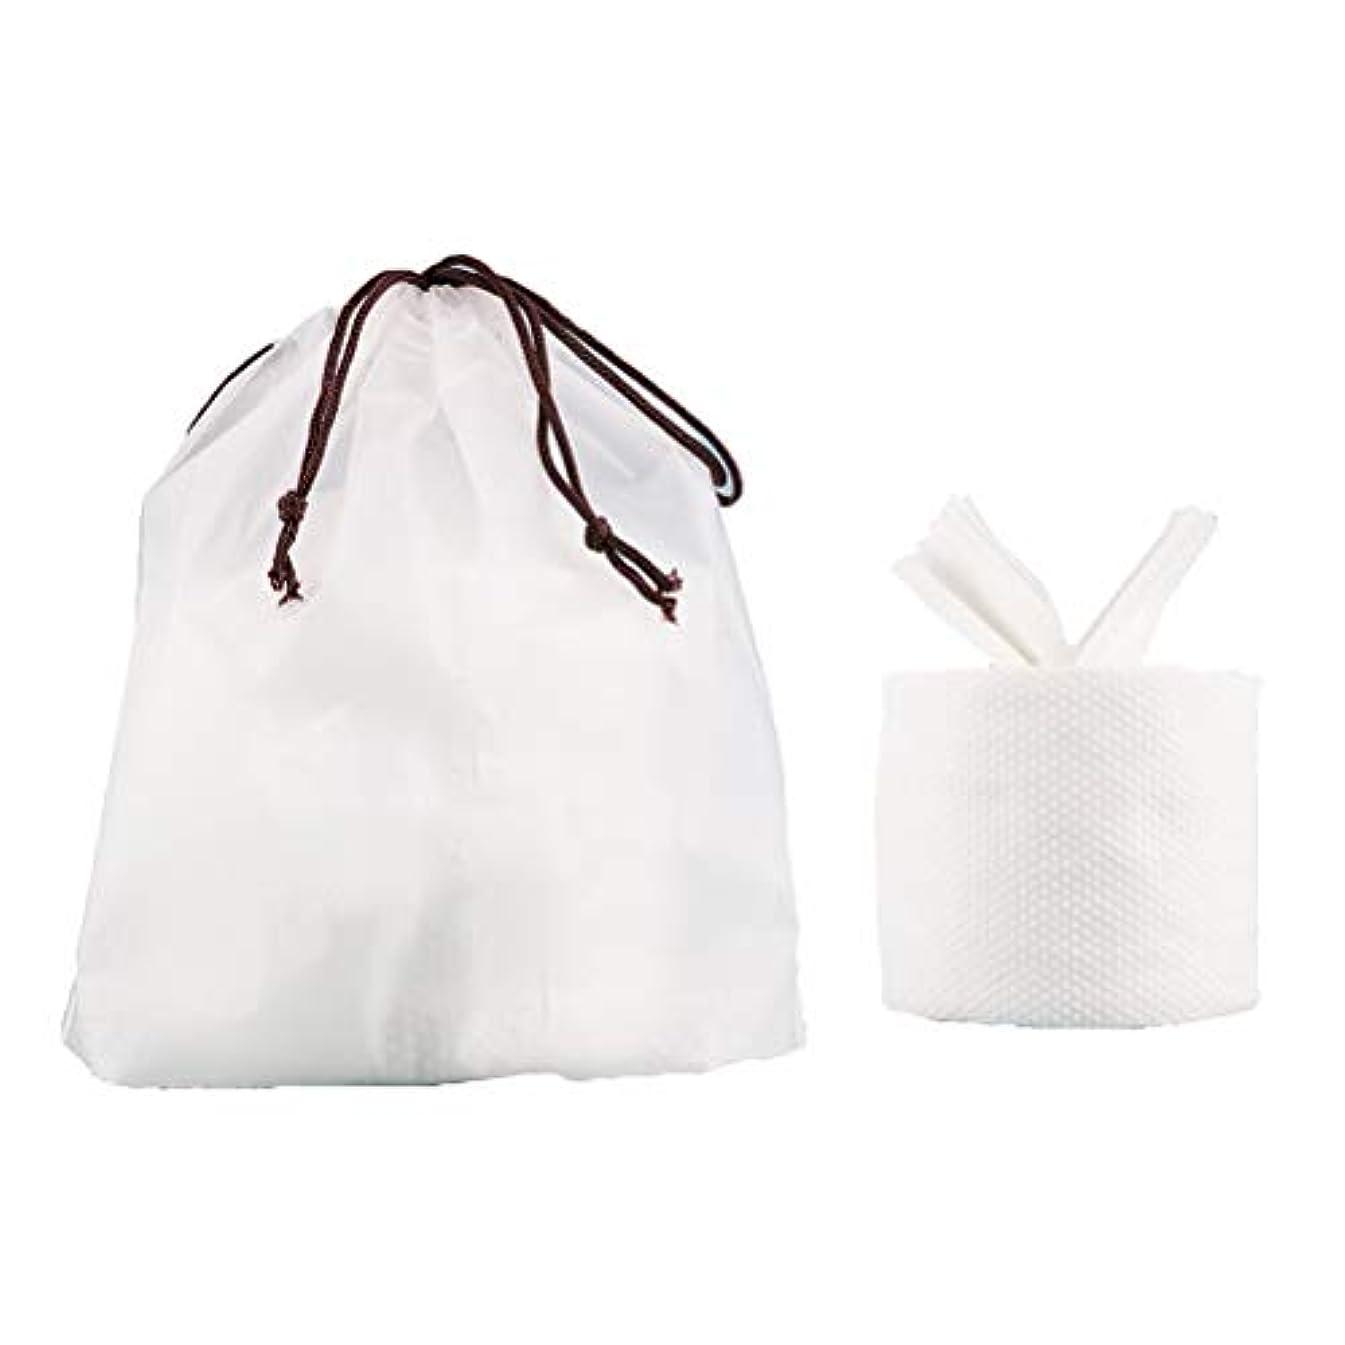 脇にどれか行くSUPVOX 2ピース使い捨てフェイシャルタオル50枚旅行用化粧落とし用綿ティッシュ